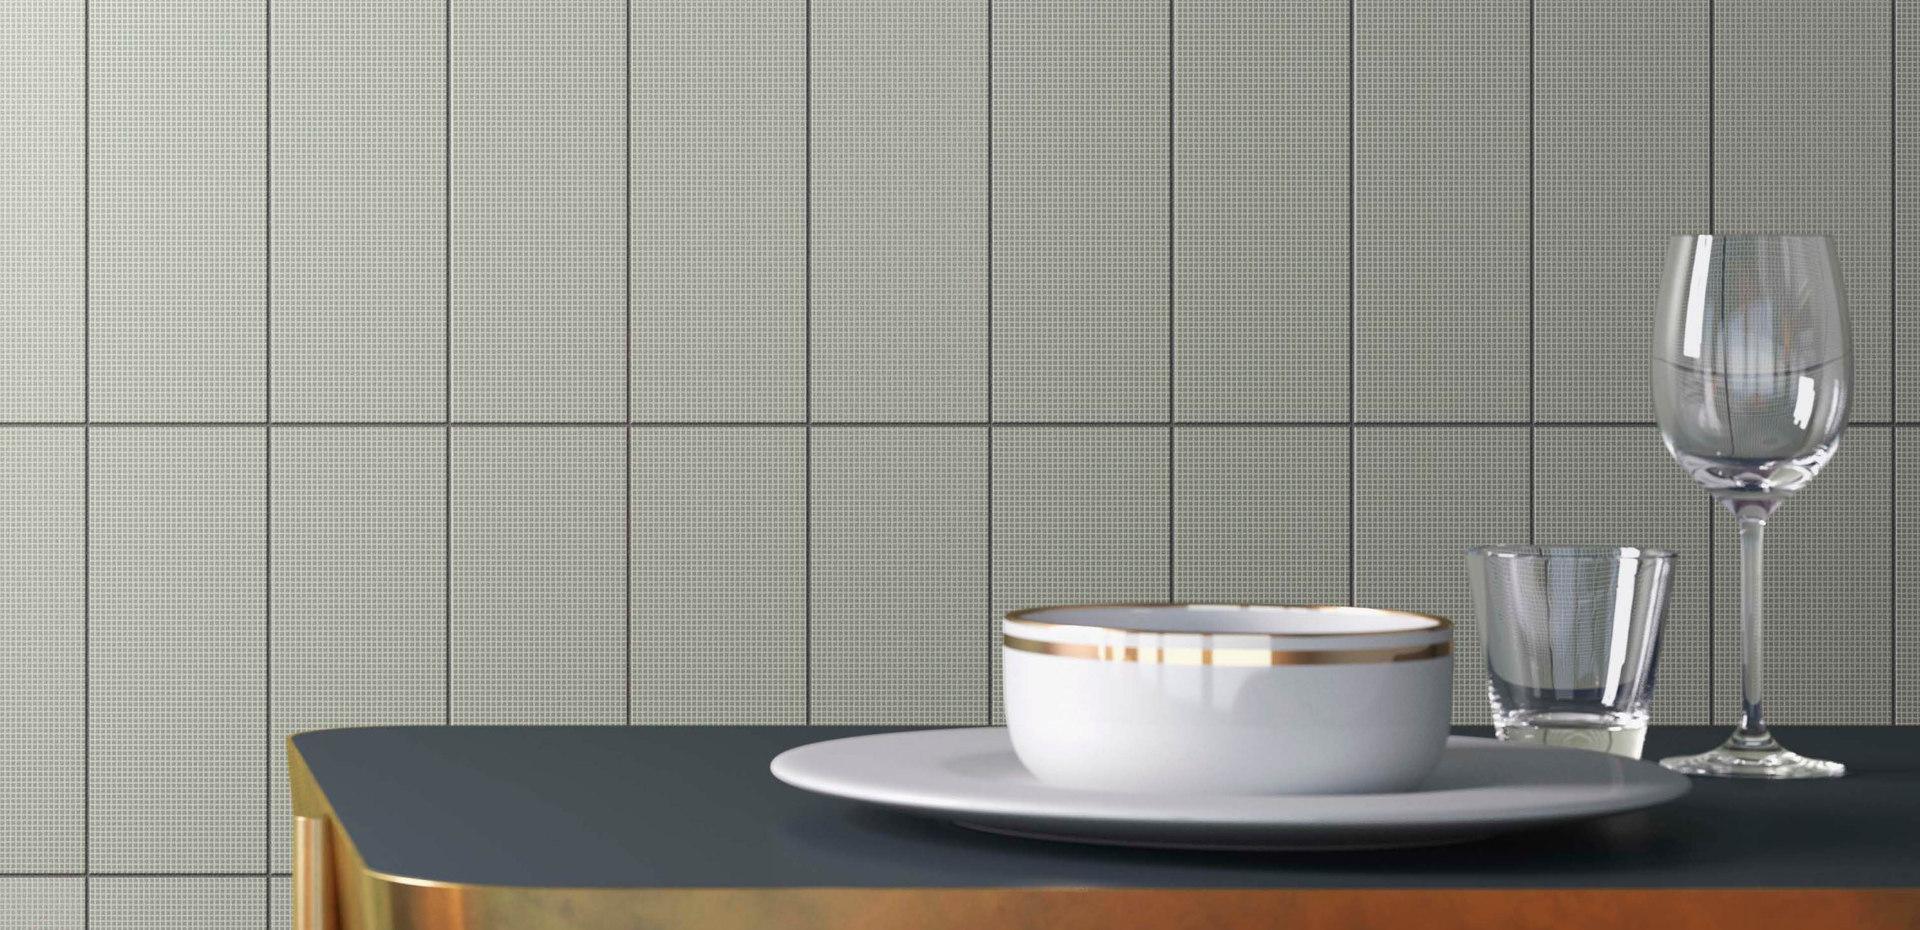 Ceramica vogue graph ceramiche con effetto geometrico for Vogue ceramica